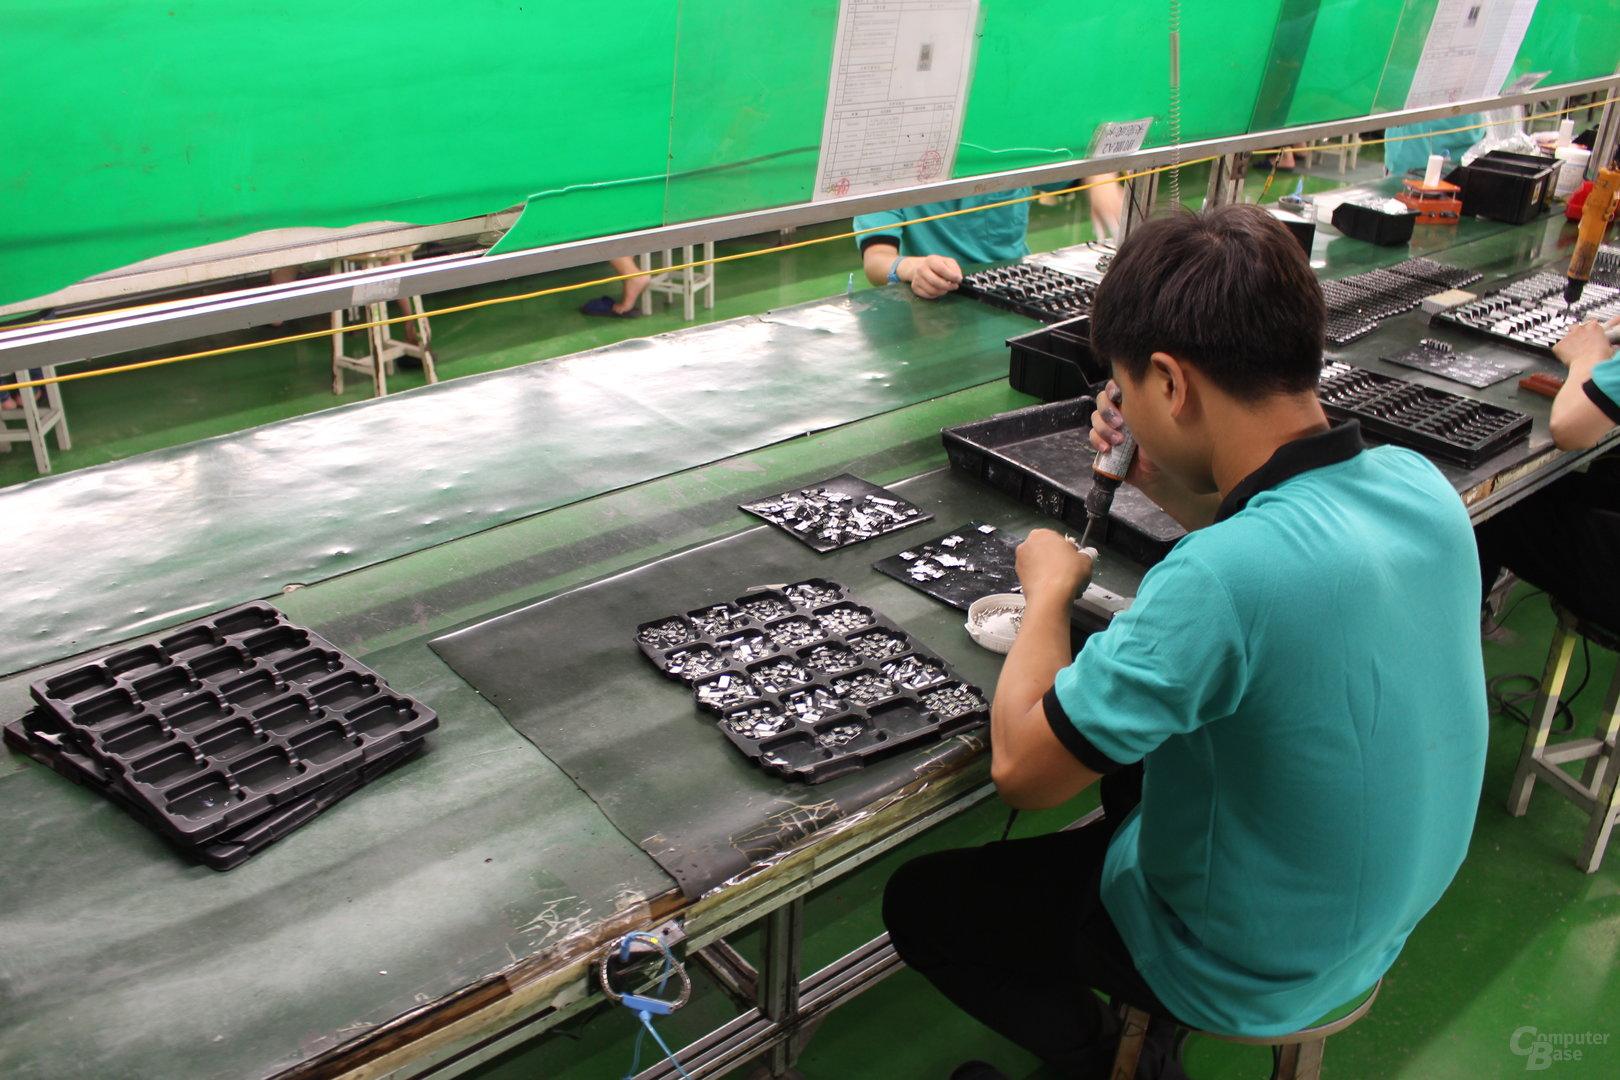 Komponenten-Vorbereitung (Halbleitermontage an Kühlkörper)